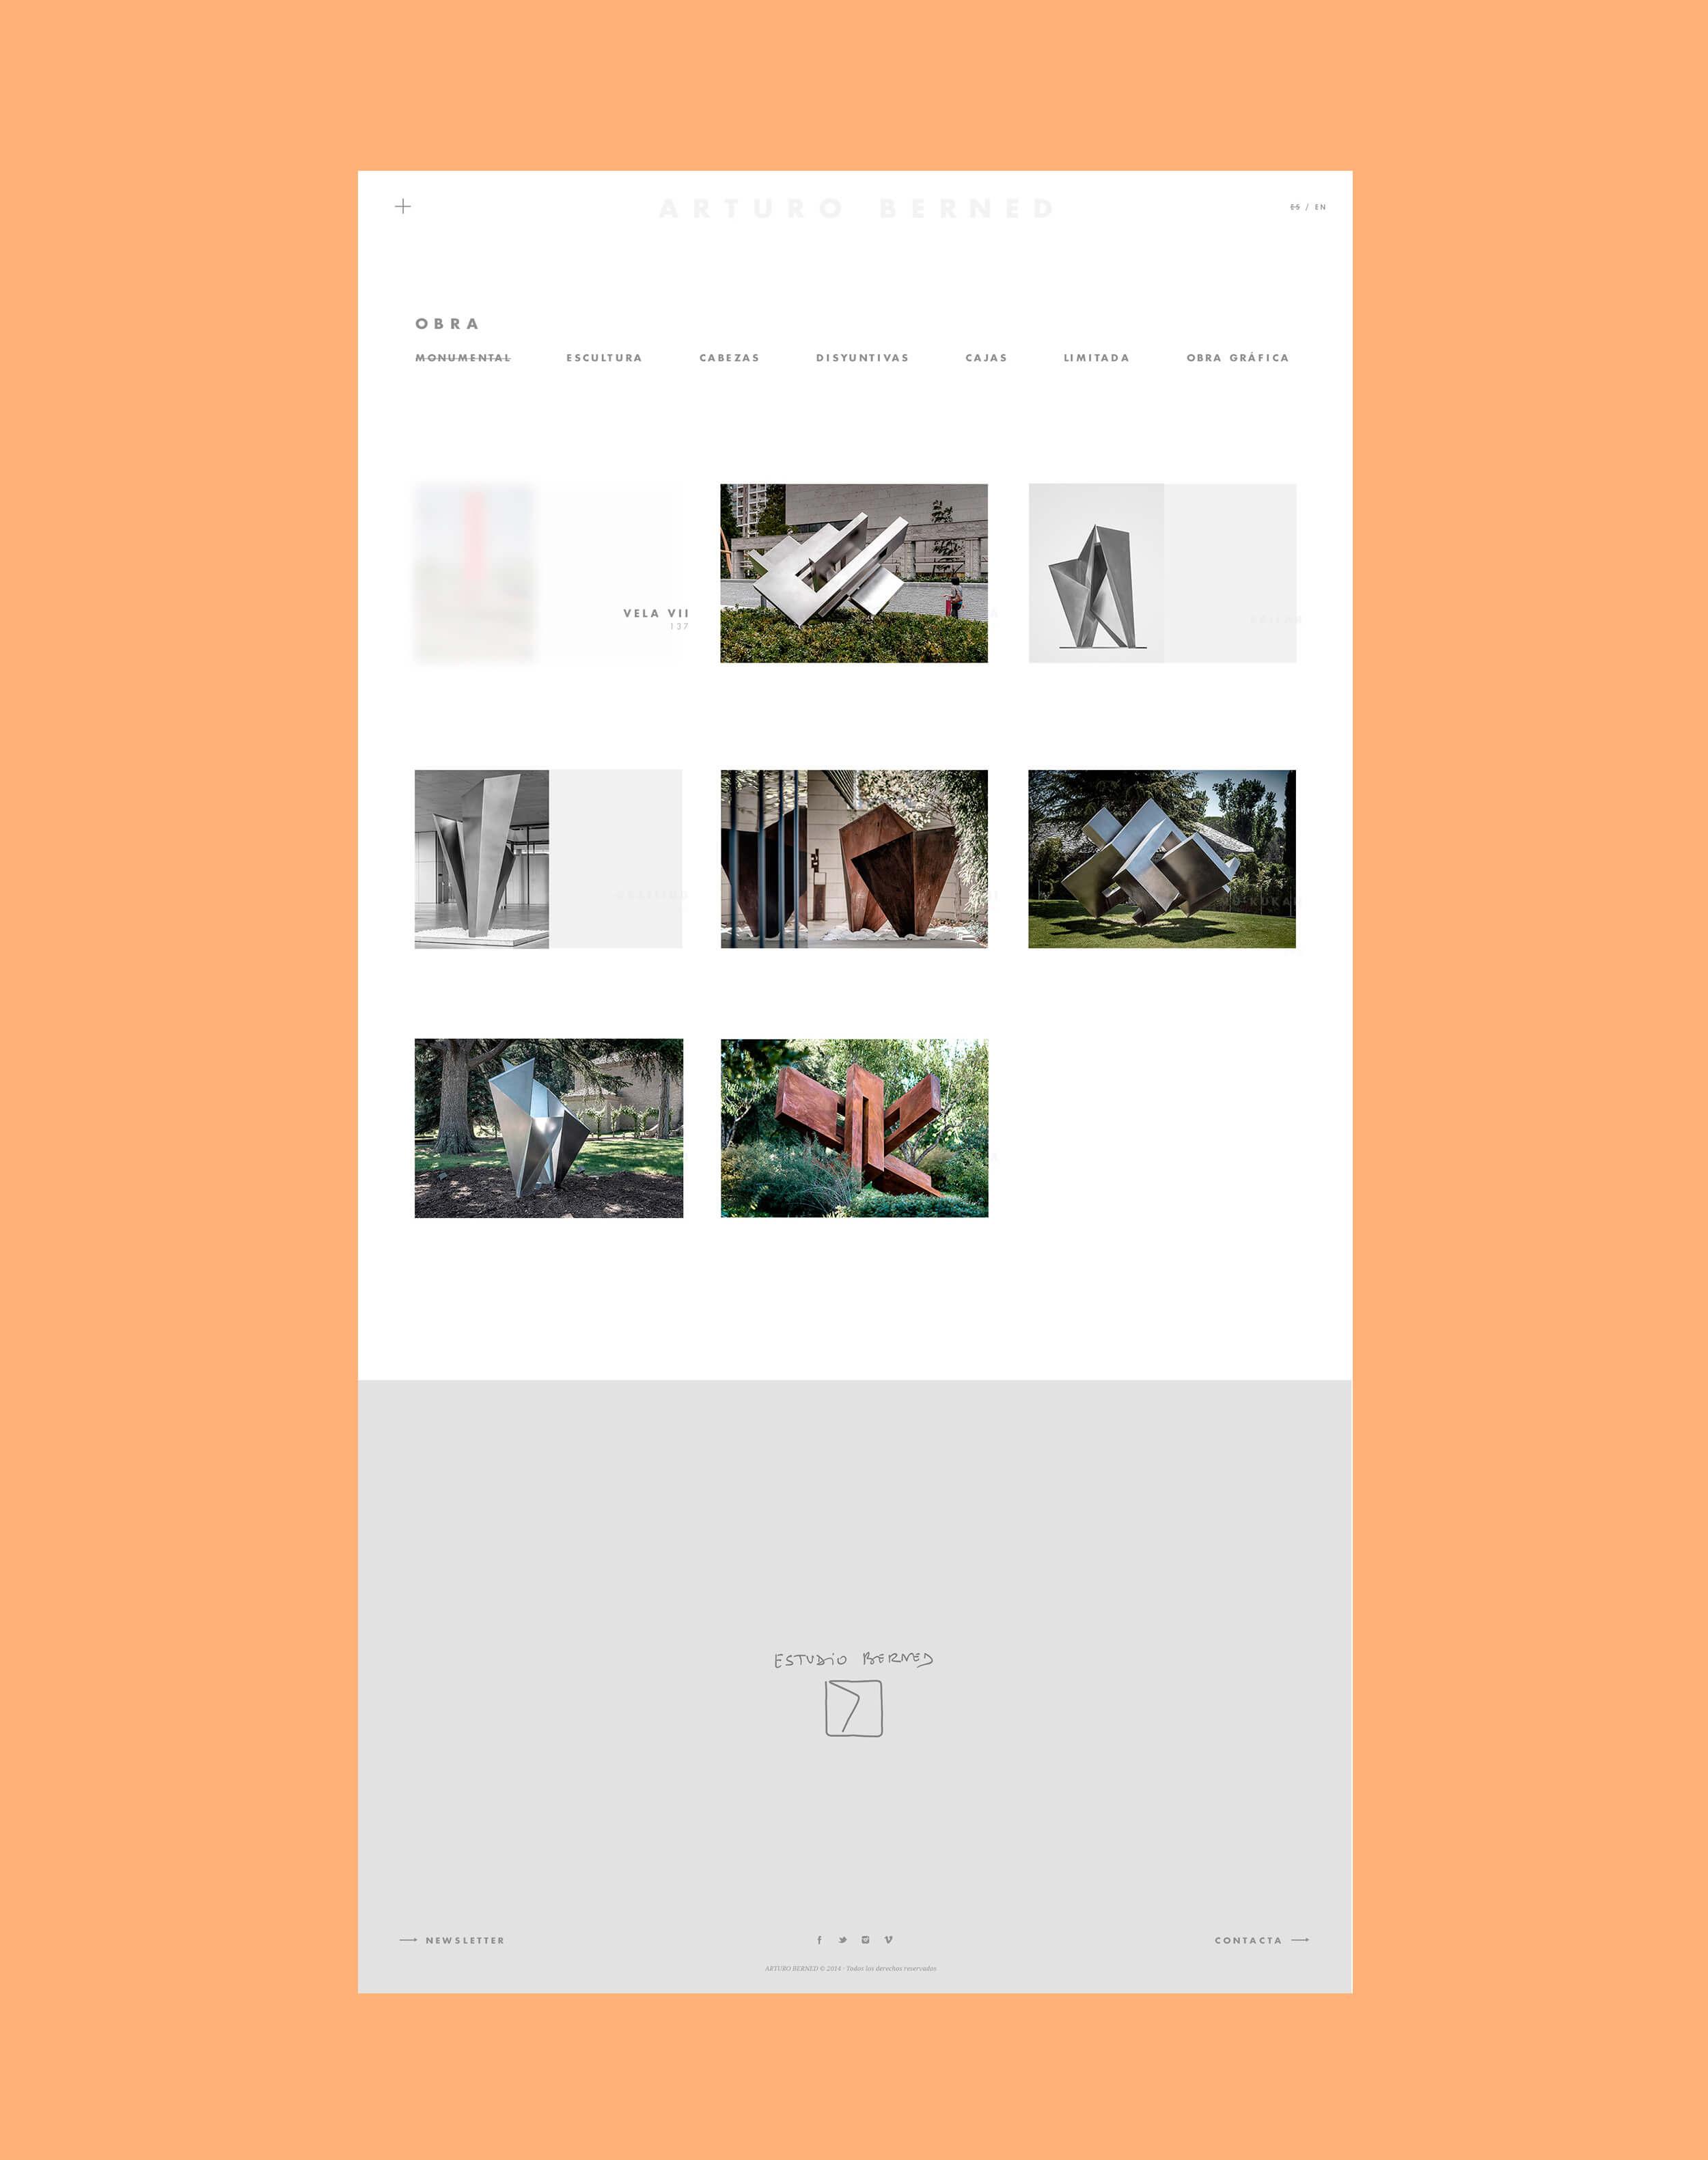 Diseño y desarrollo de la web para el prestigioso escultor madrileño Arturo Berned